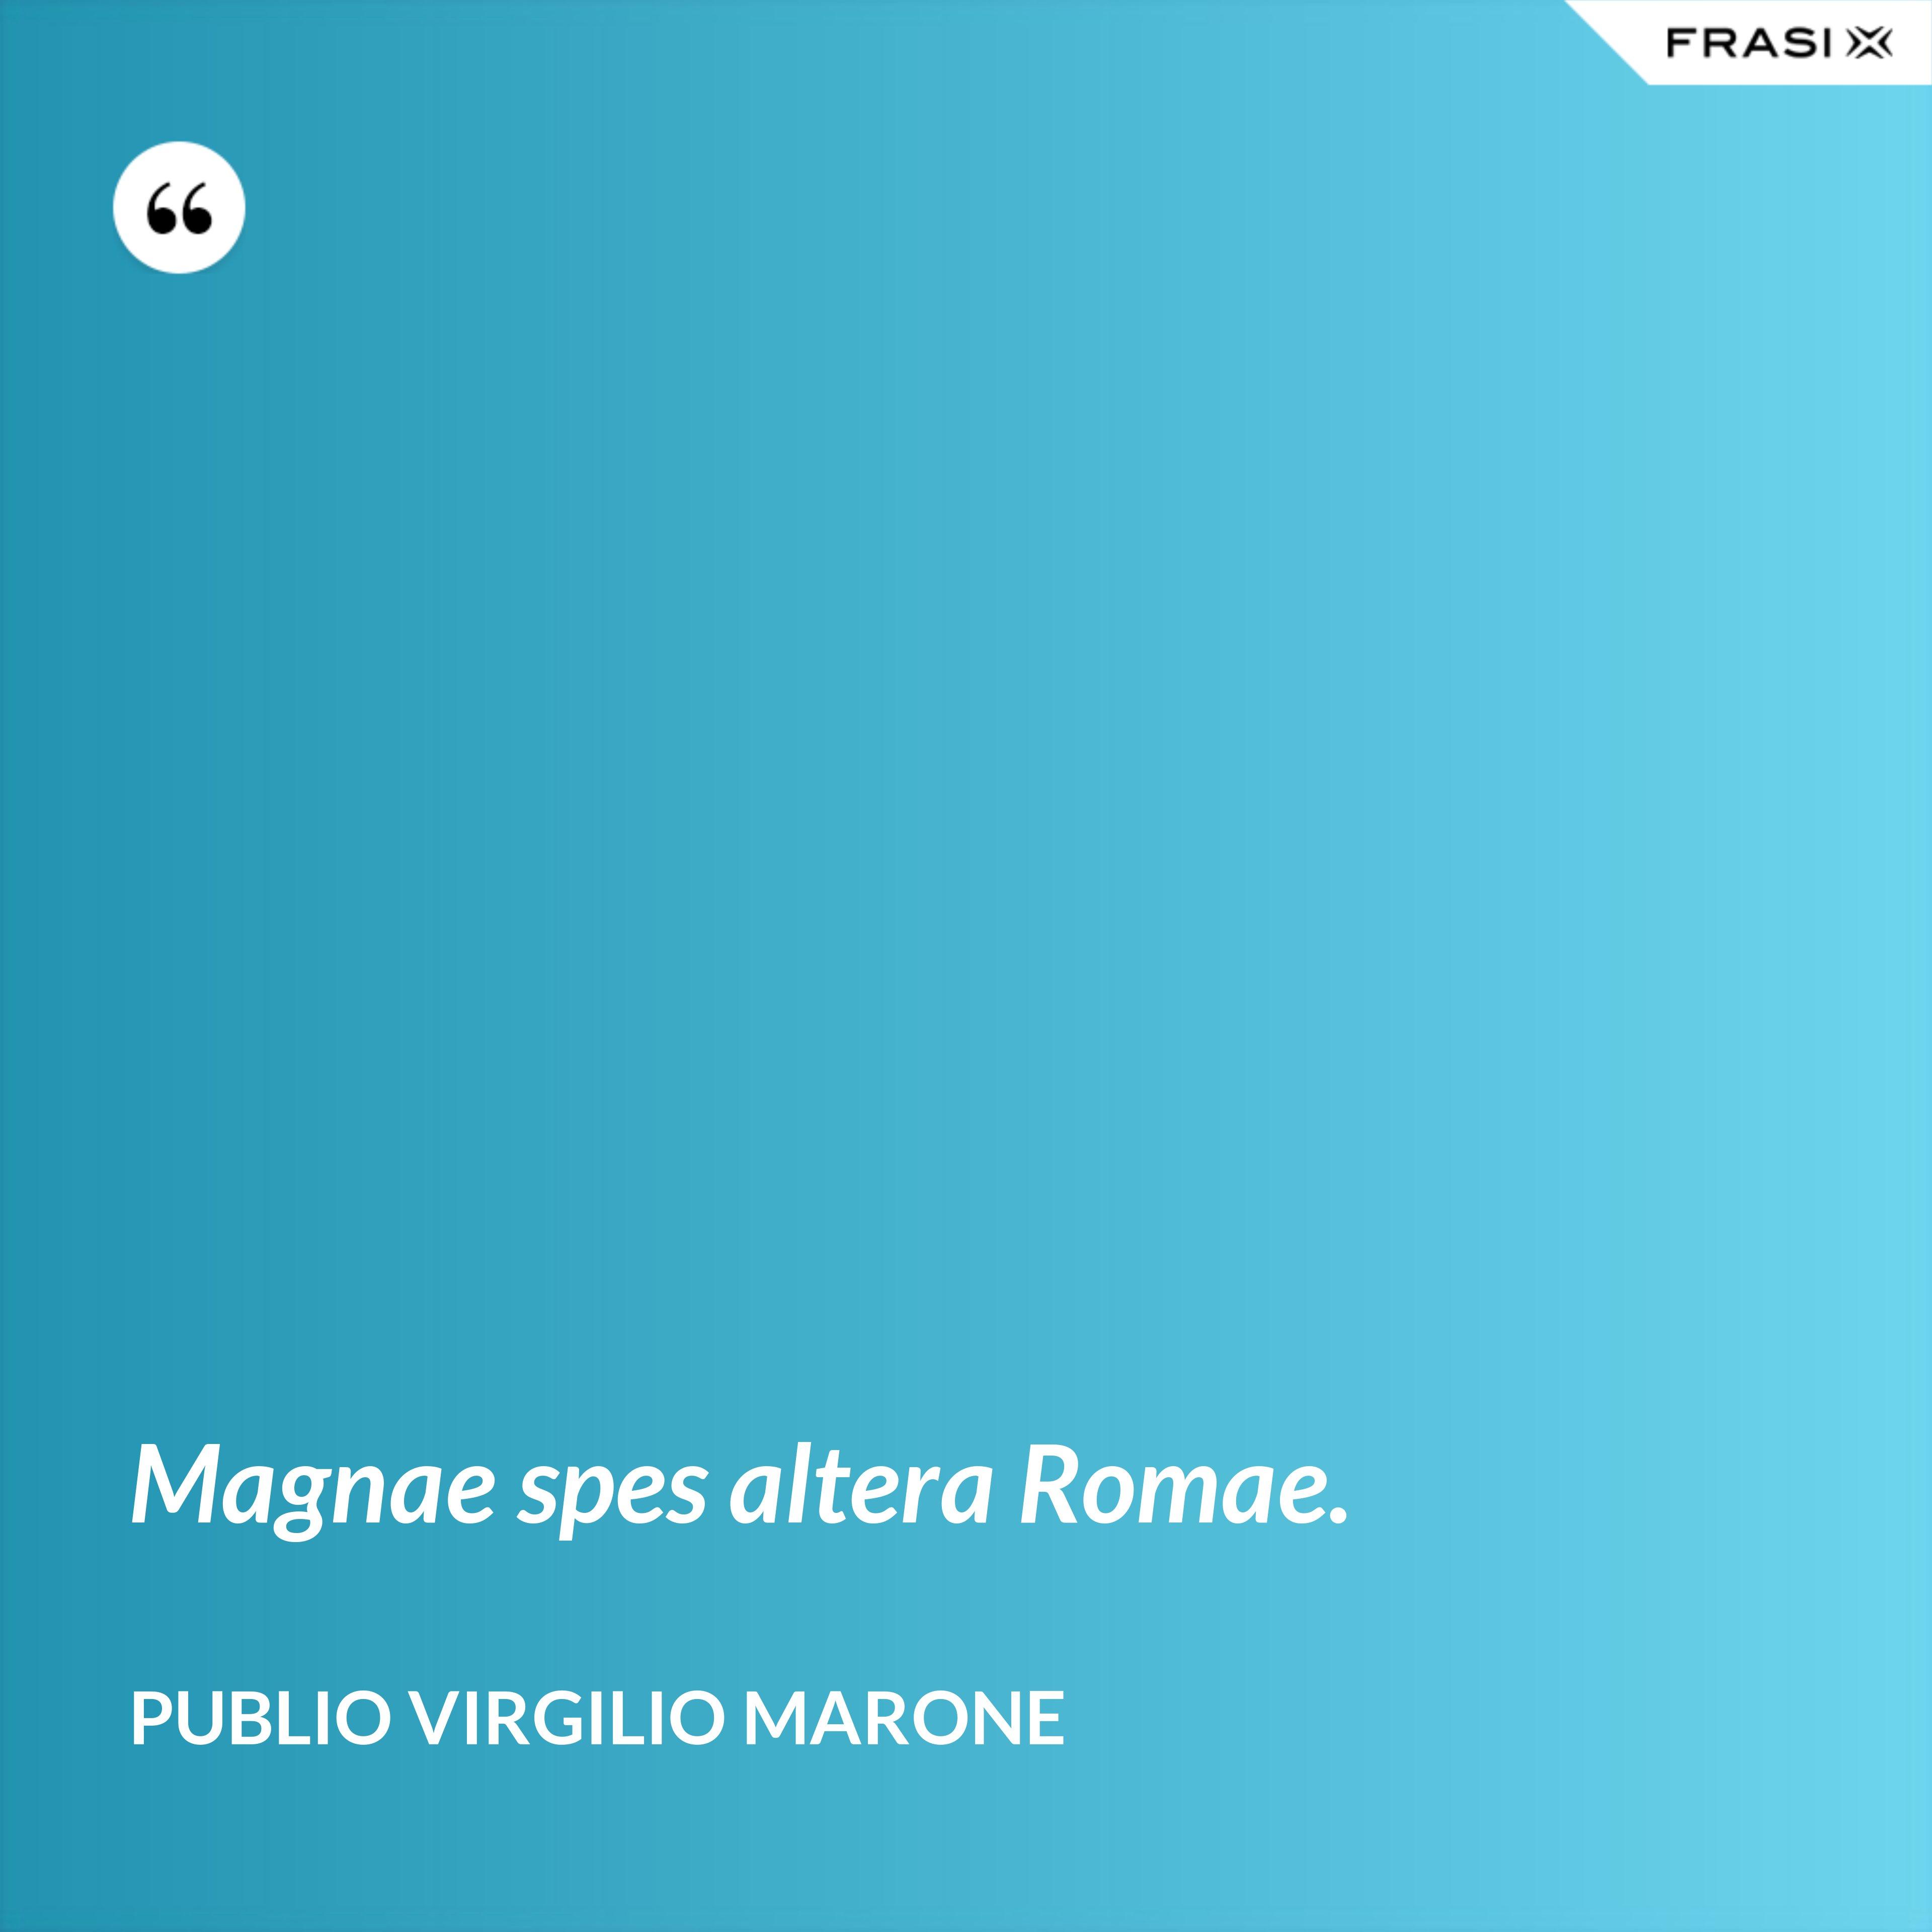 Magnae spes altera Romae. - Publio Virgilio Marone